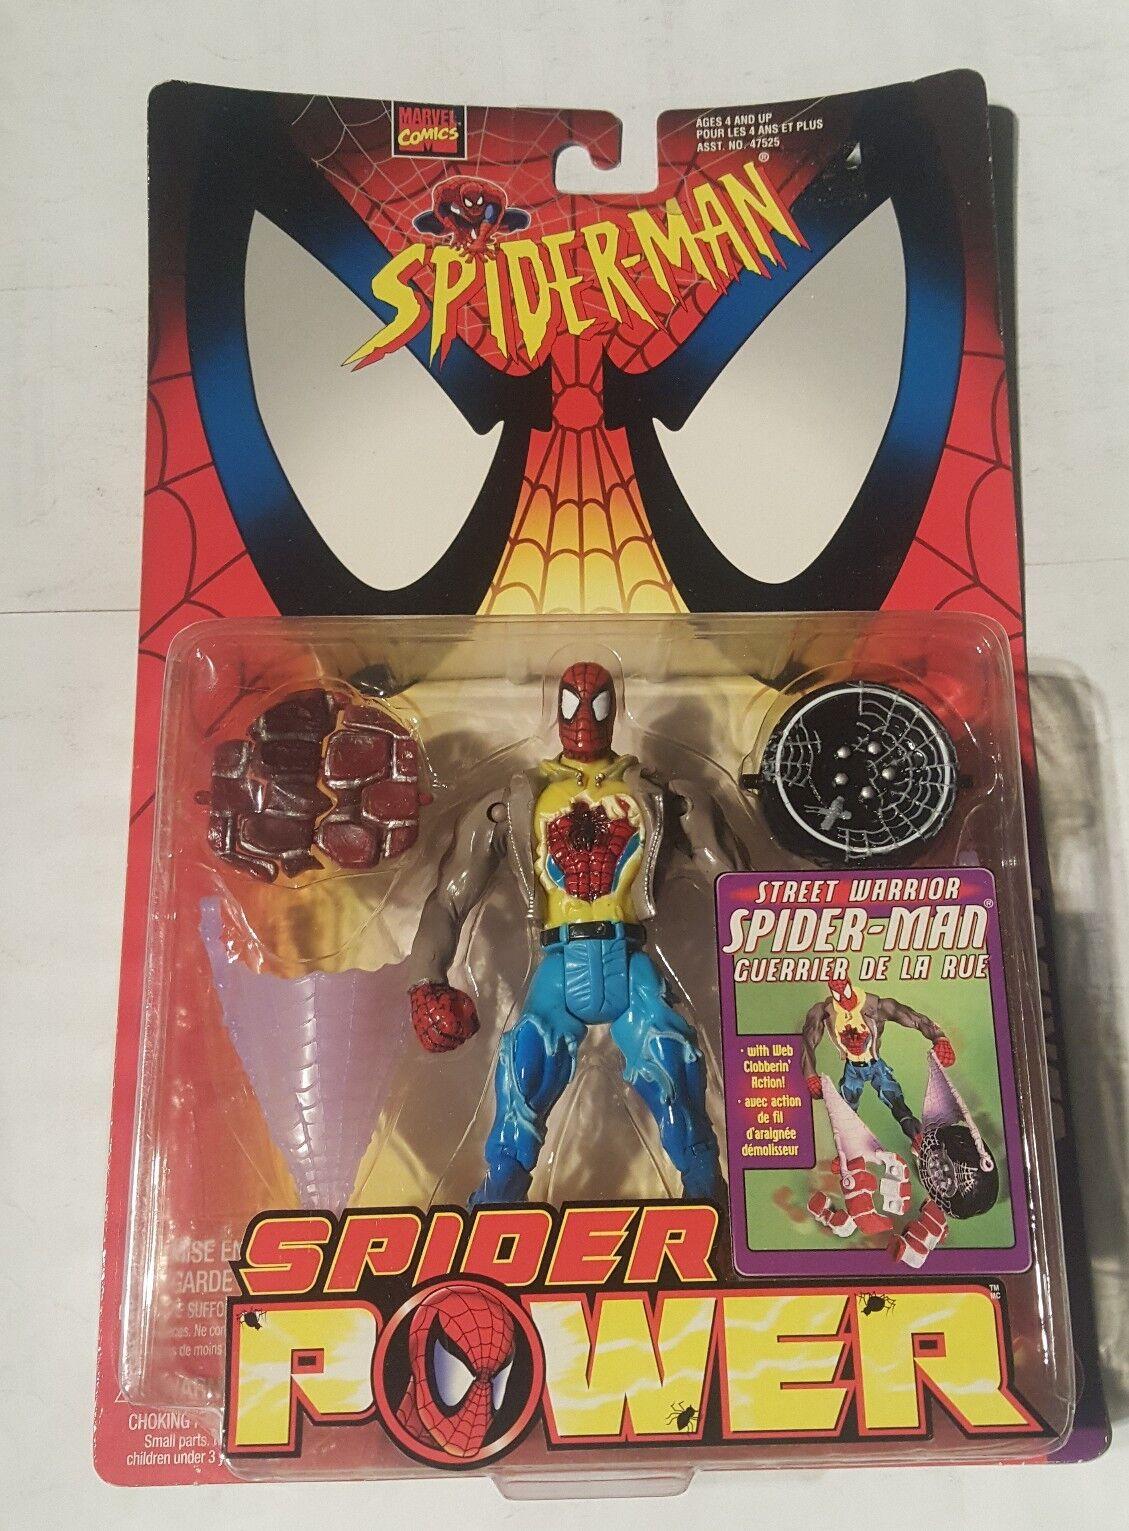 alto descuento Spider-Man Spider-Man Spider-Man Spider potencia 1998 Street Warrior Figura De Acción-canadiense  minorista de fitness